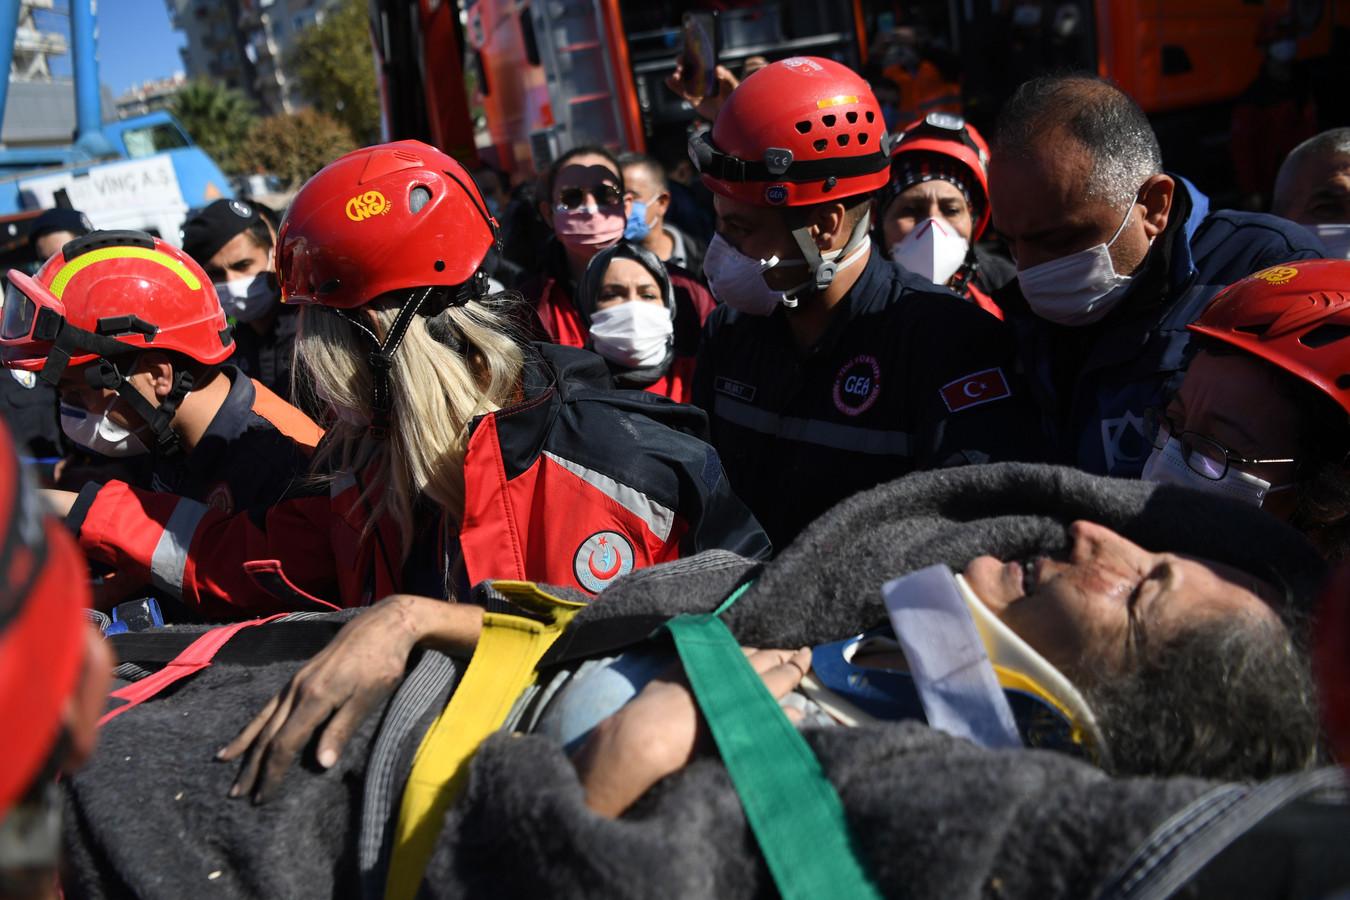 Reddingswerkers brengen een onder het puin vandaan gehaalde vrouw in veiligheid.